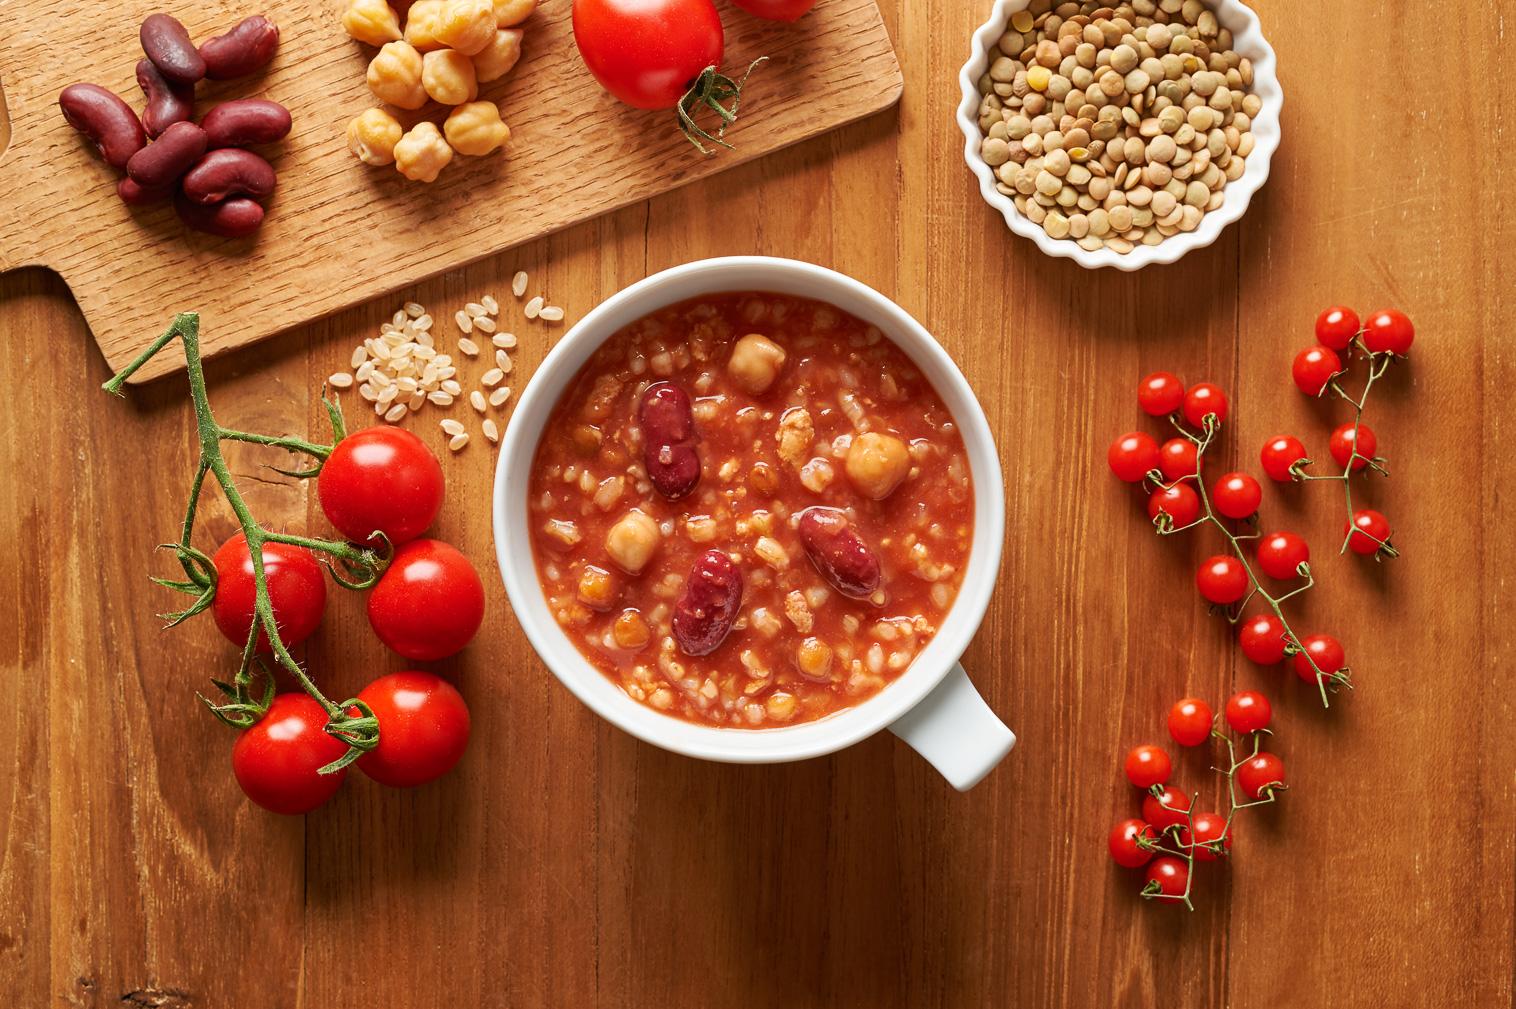 ぽたーゆトマト盛り付けイメージ